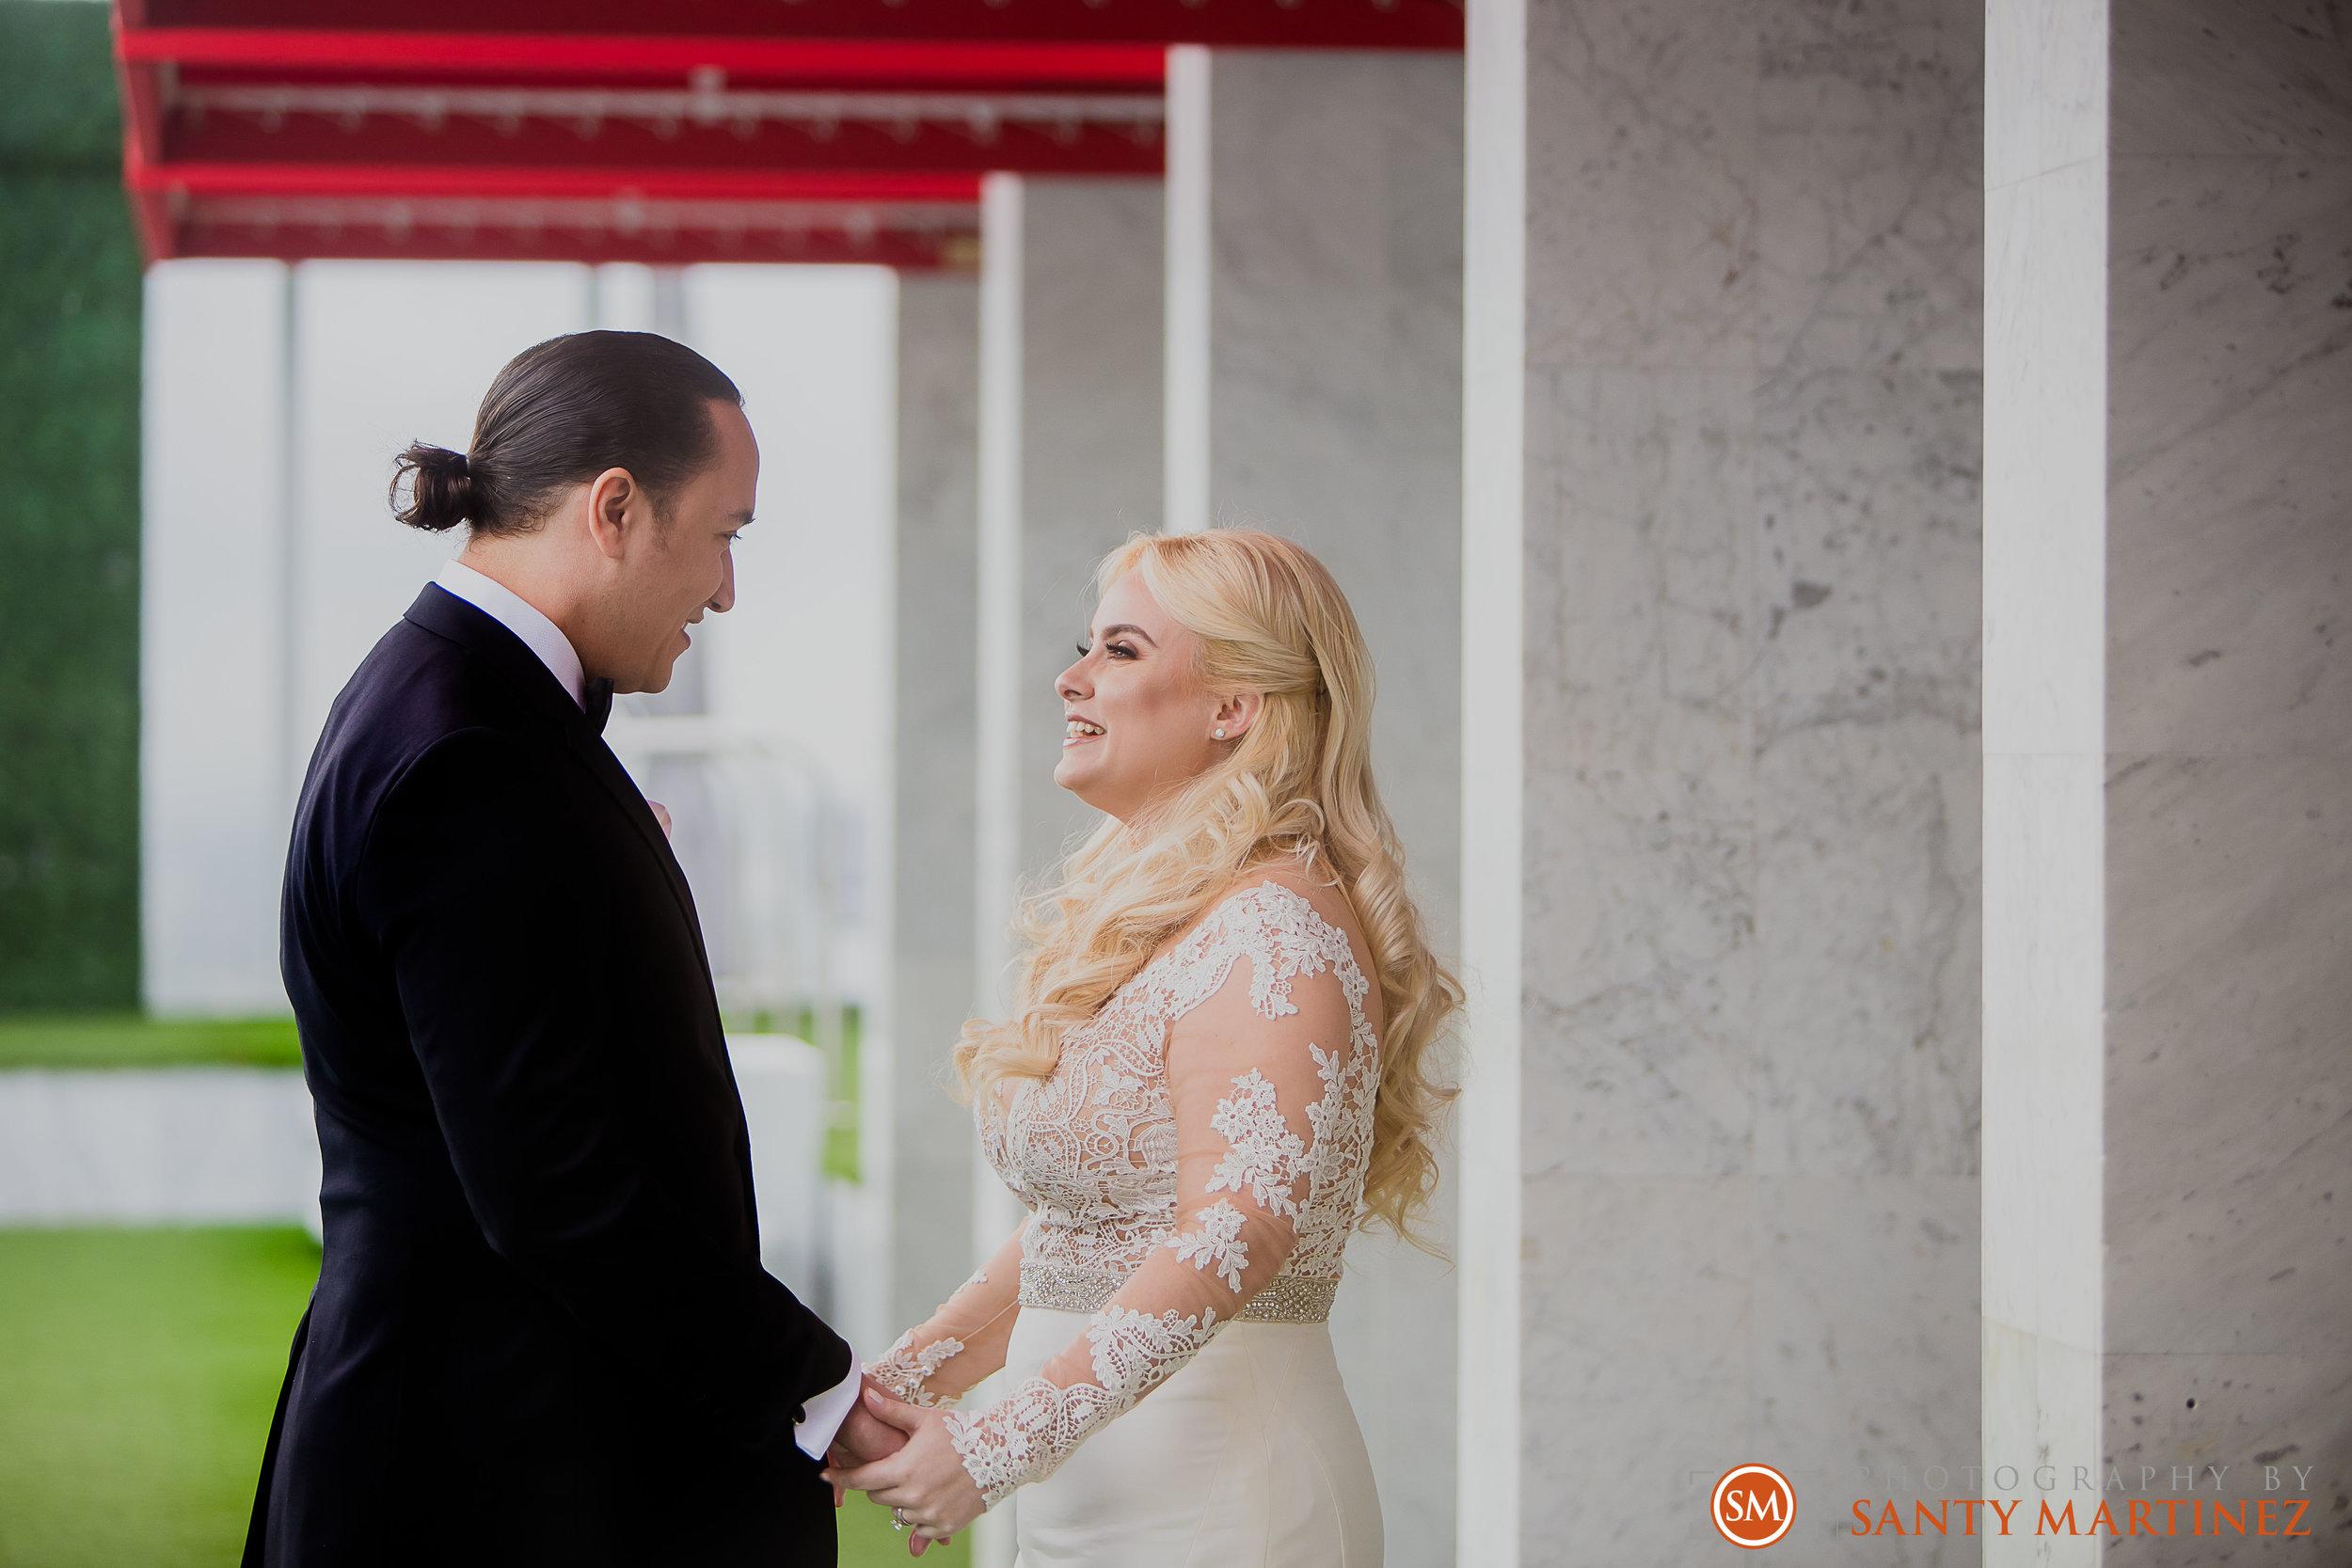 Wedding - W Hotel - St Patrick Miami Beach - Santy Martinez Photography-12.jpg